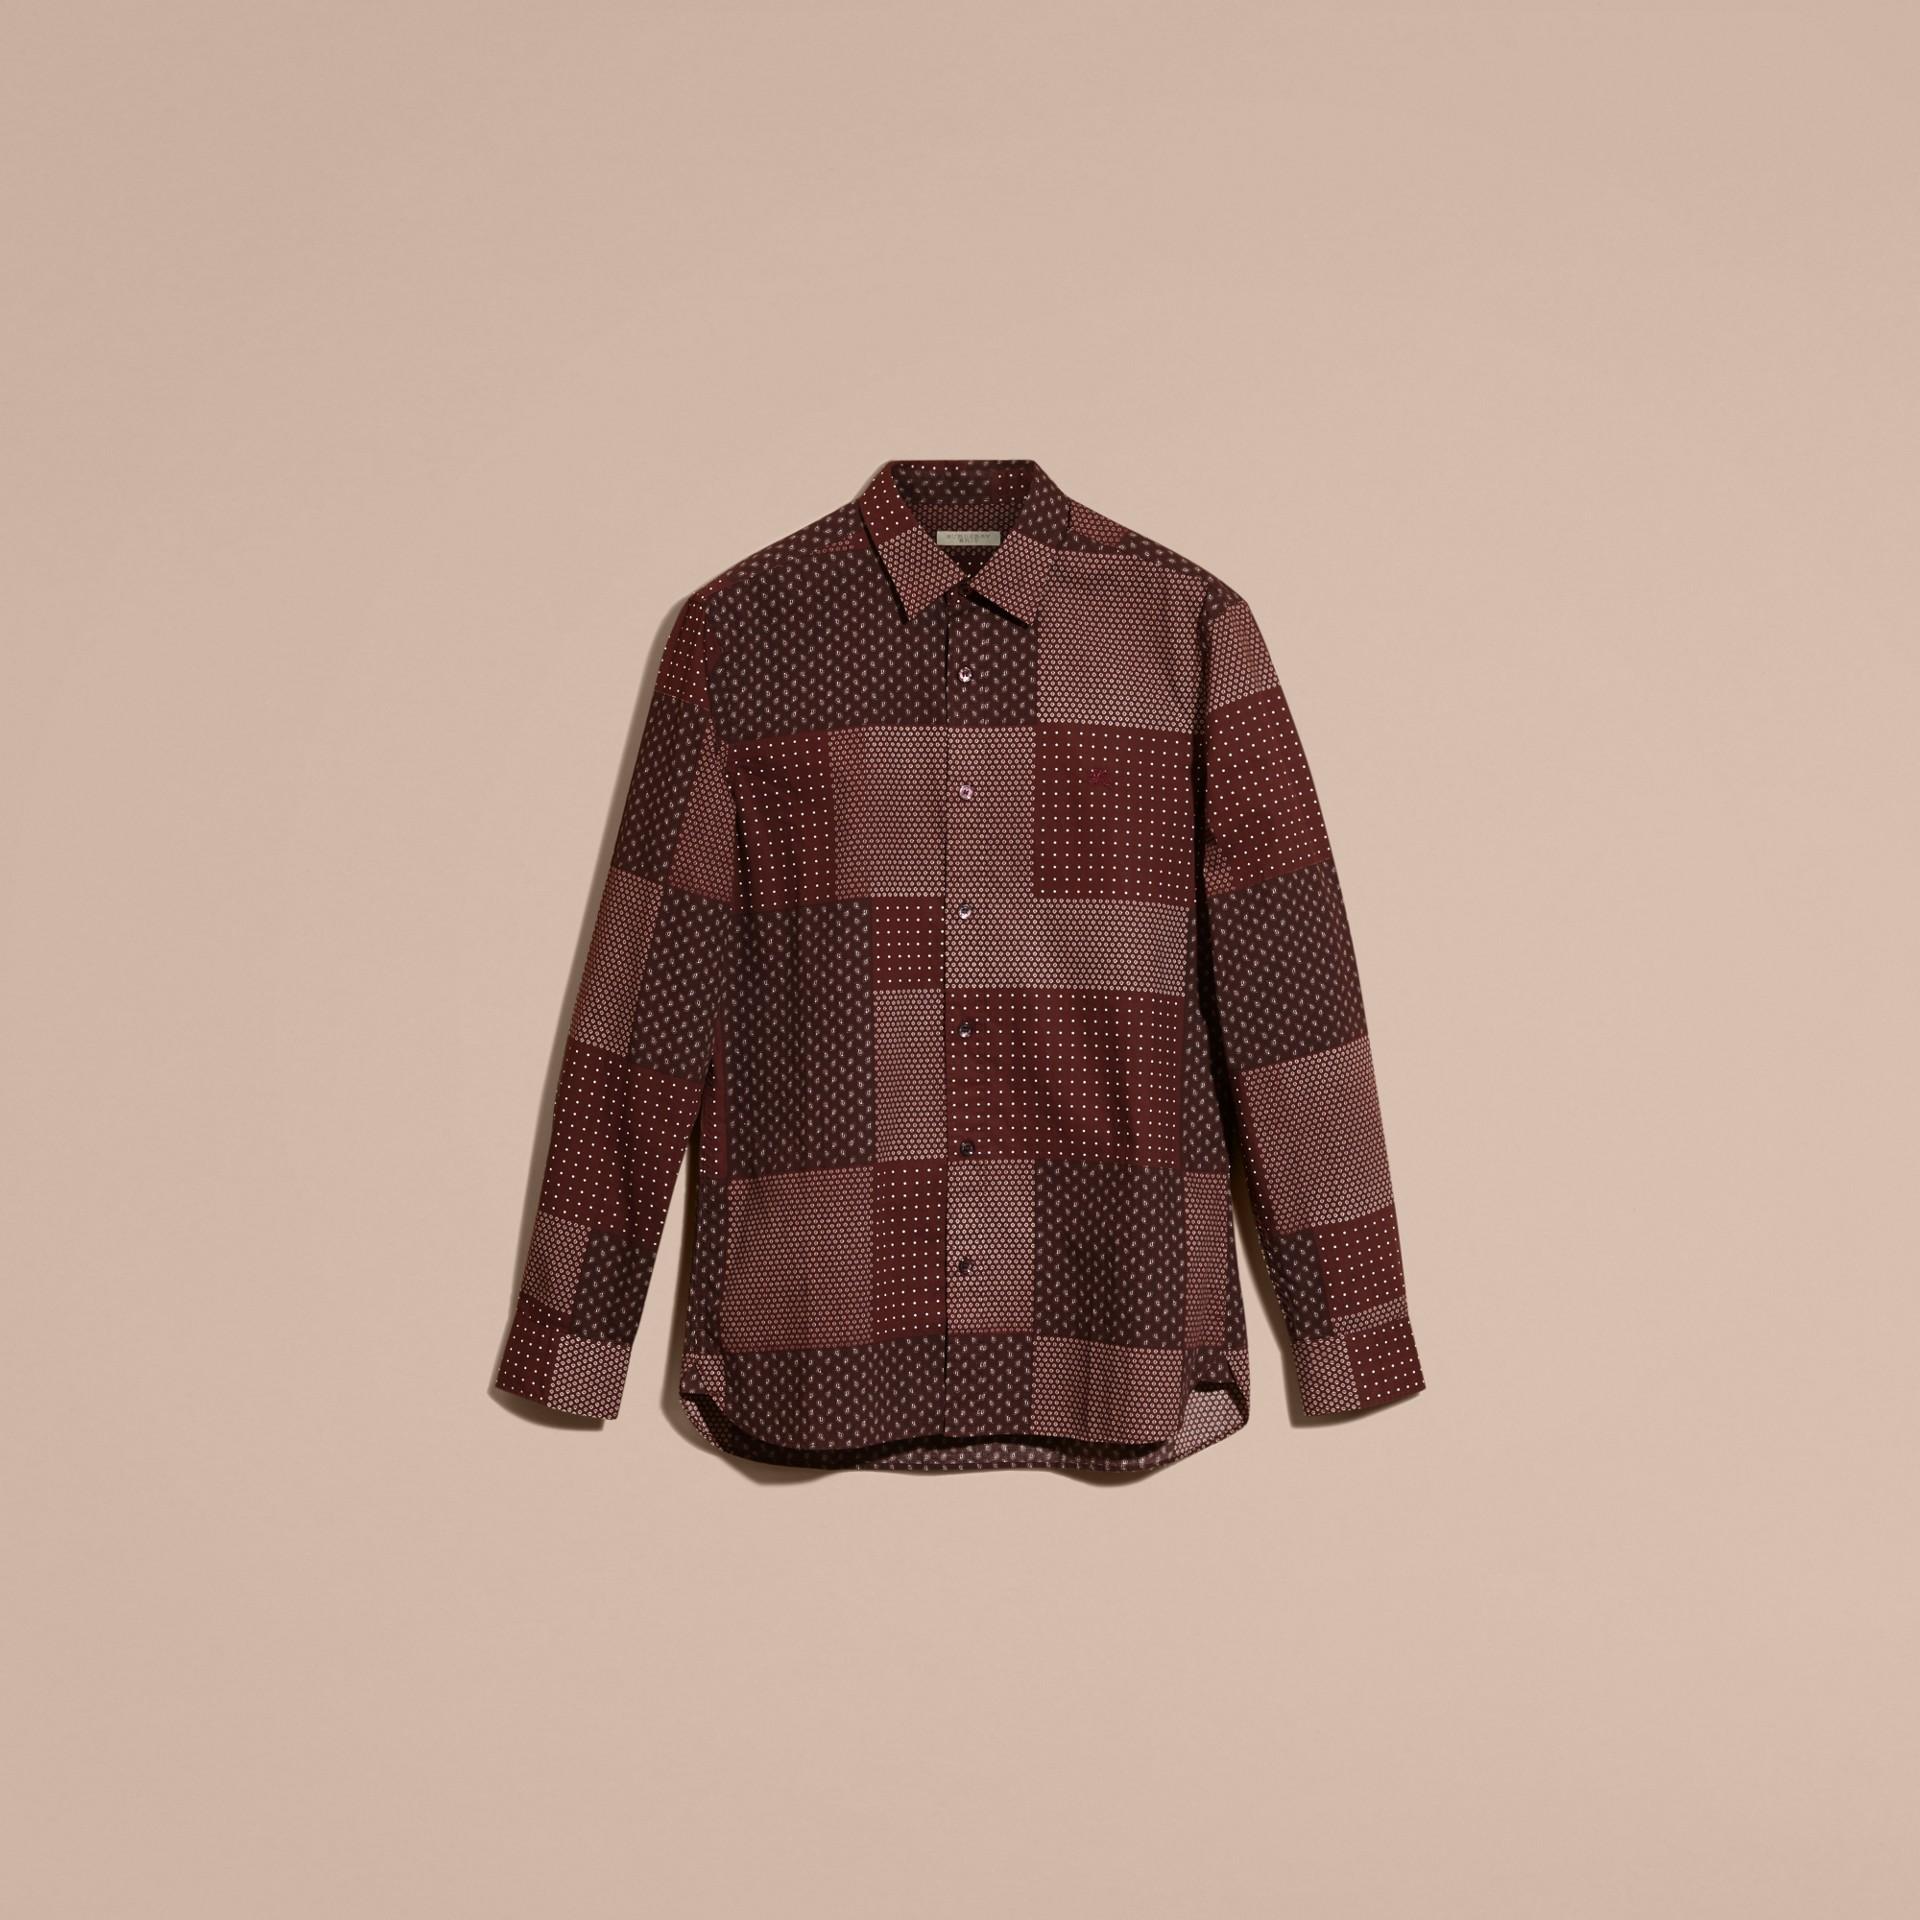 Dunkles holunderbeerfarben Baumwollhemd mit Patchworkmuster Dunkles Holunderbeerfarben - Galerie-Bild 4